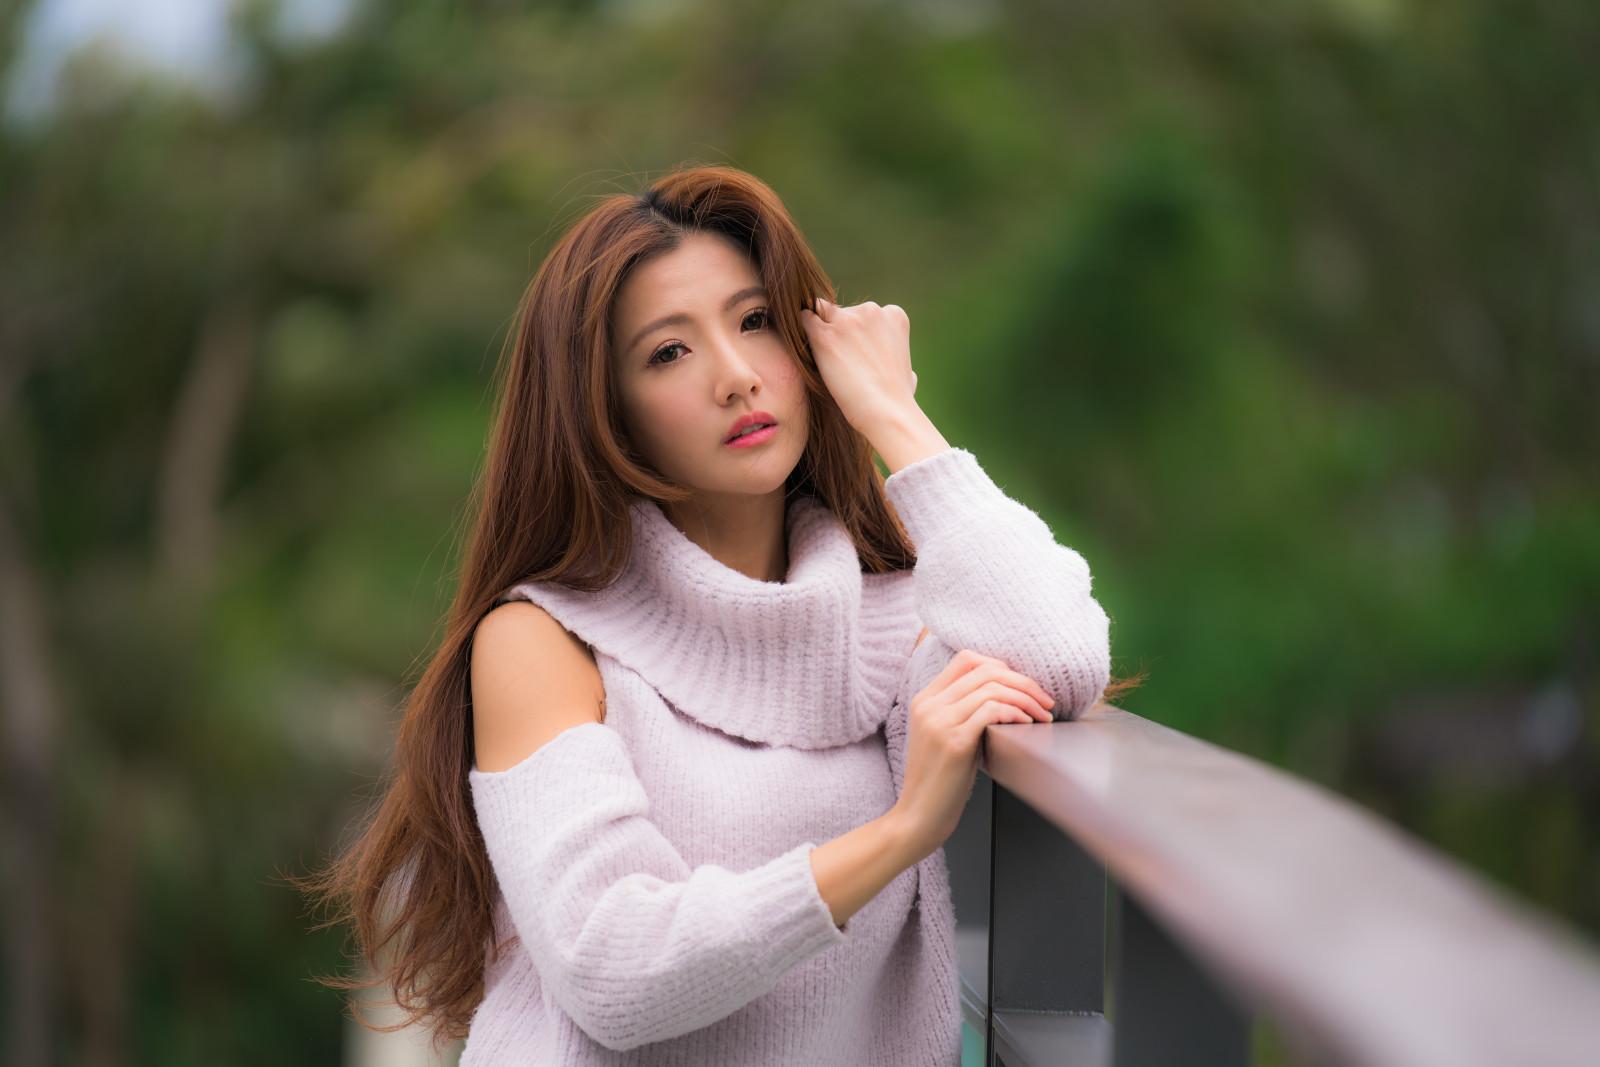 смотреть картинки красивых девушек азиаток красивыми сиськами